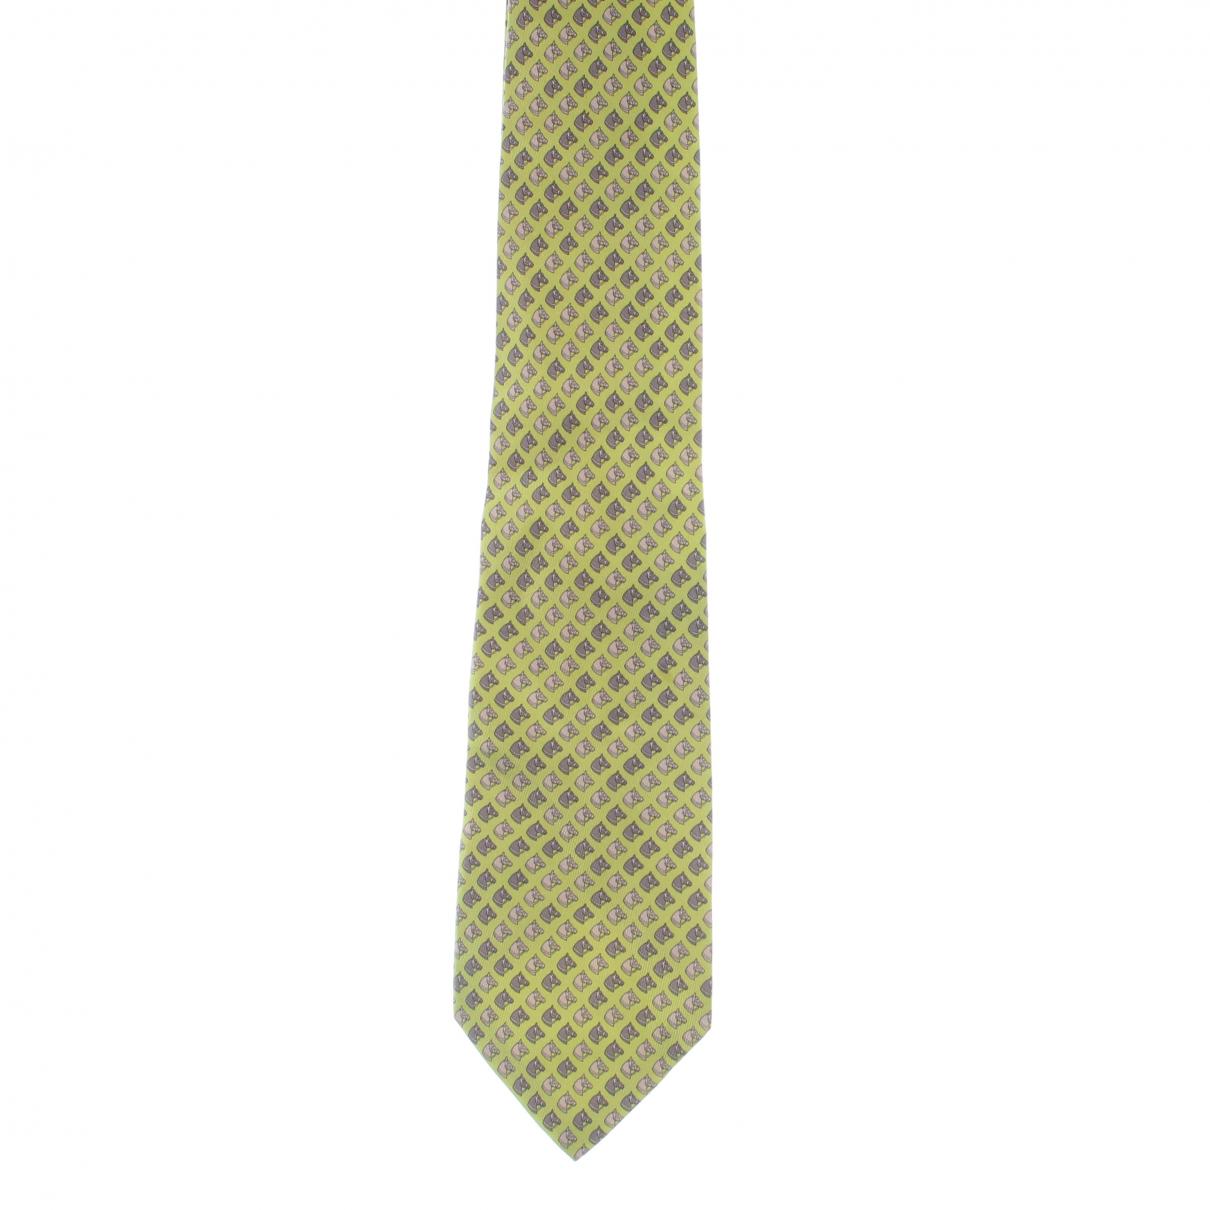 Hermes - Cravates   pour homme en soie - jaune